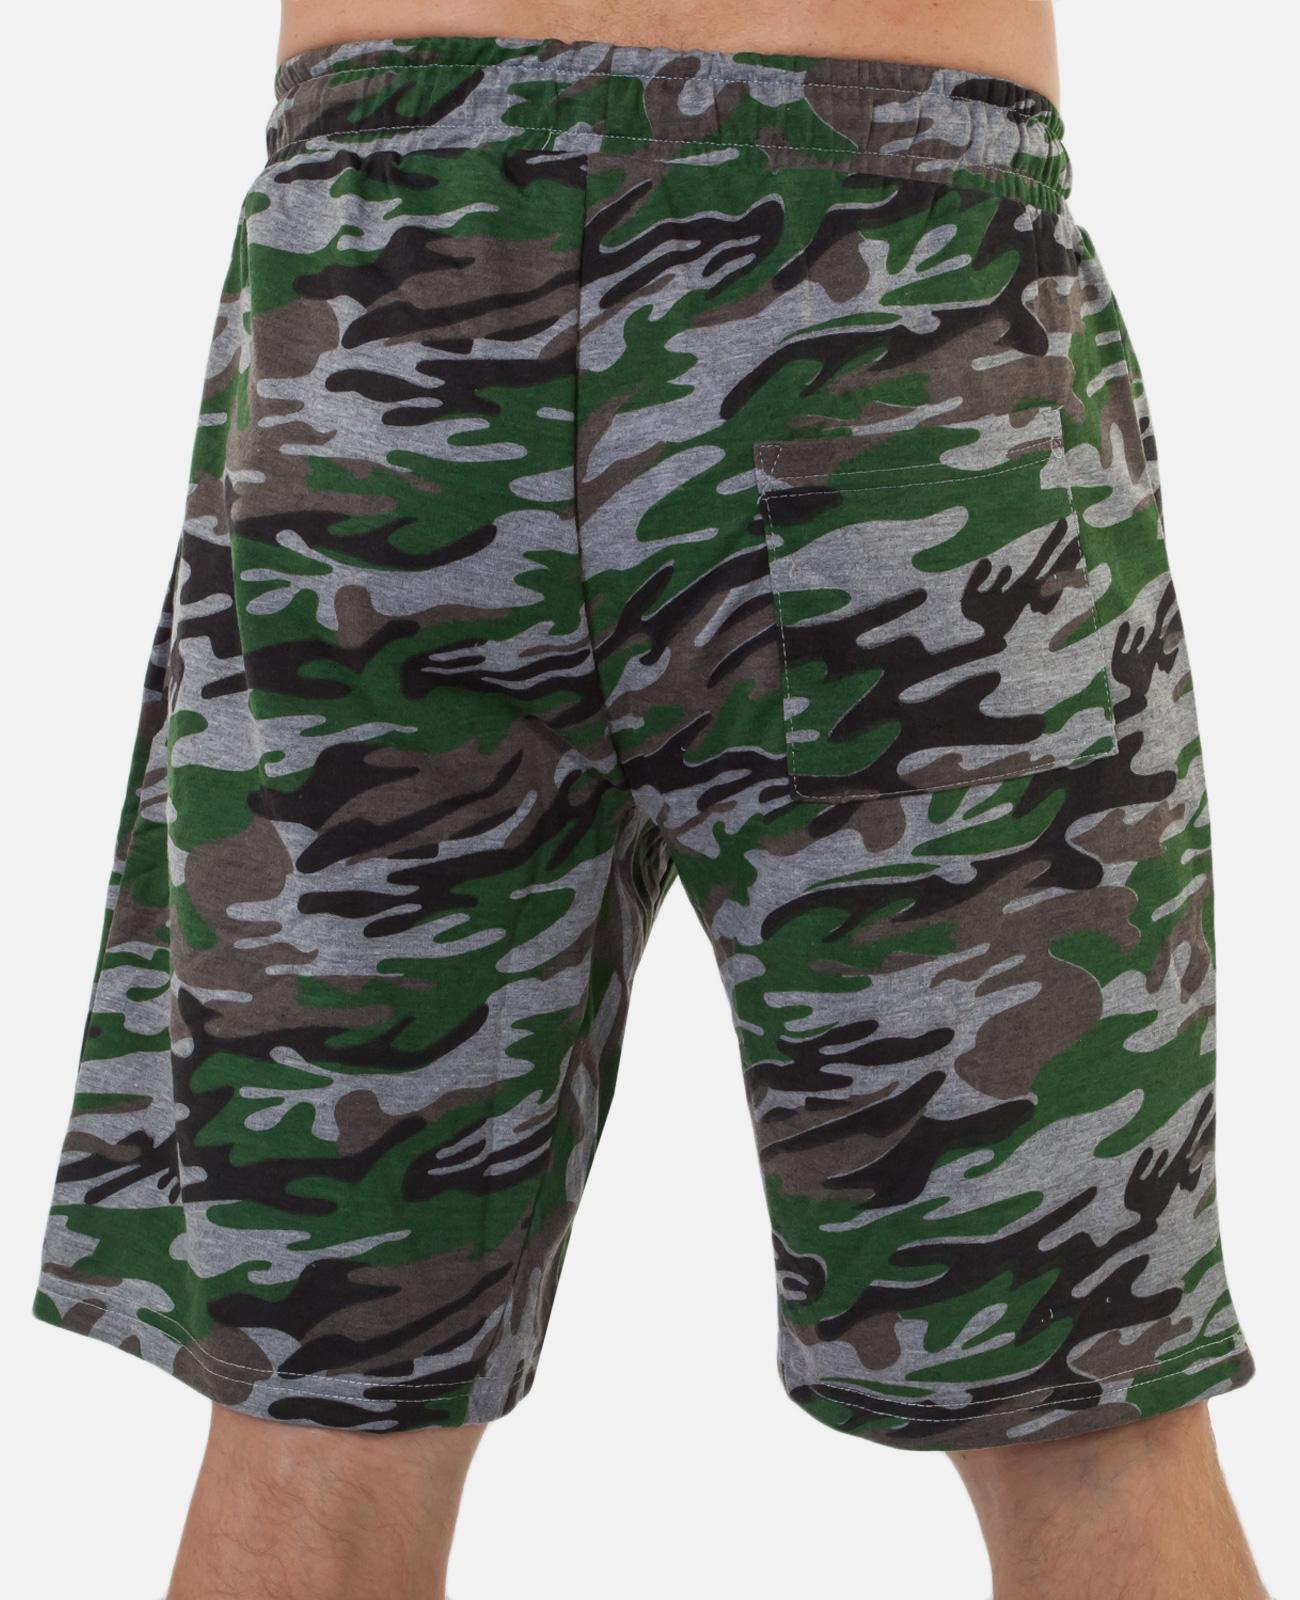 Мужские камуфляжные шорты с нашивкой Погранслужбы купить онлайн